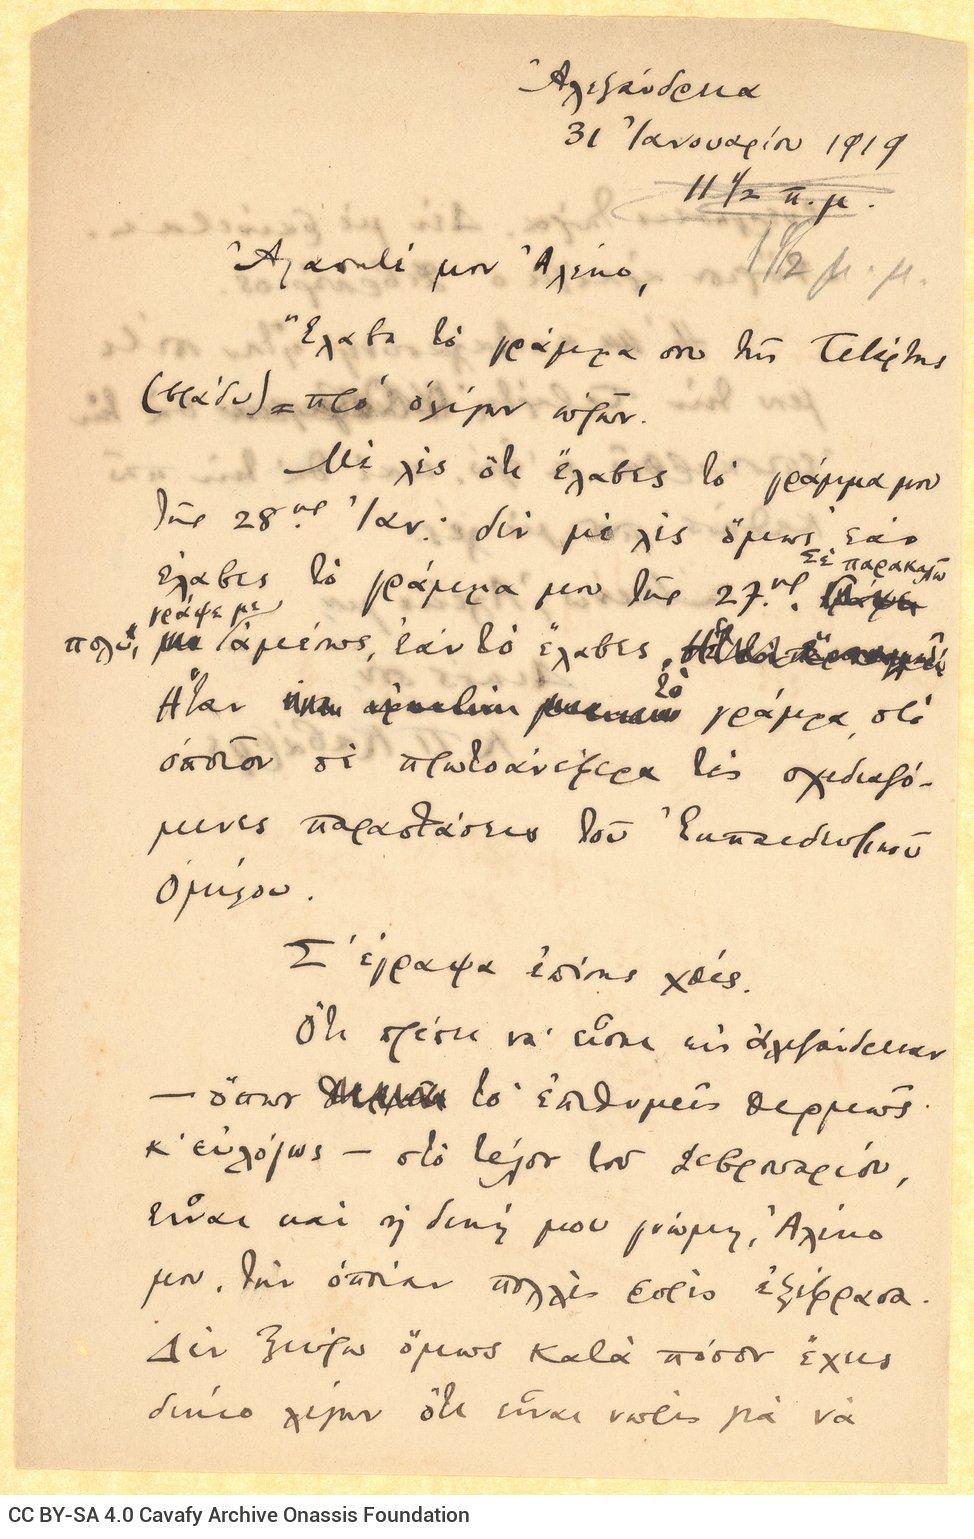 Χειρόγραφο, ενυπόγραφο αντίγραφο επιστολής του Καβάφη προς τον Αλέκ